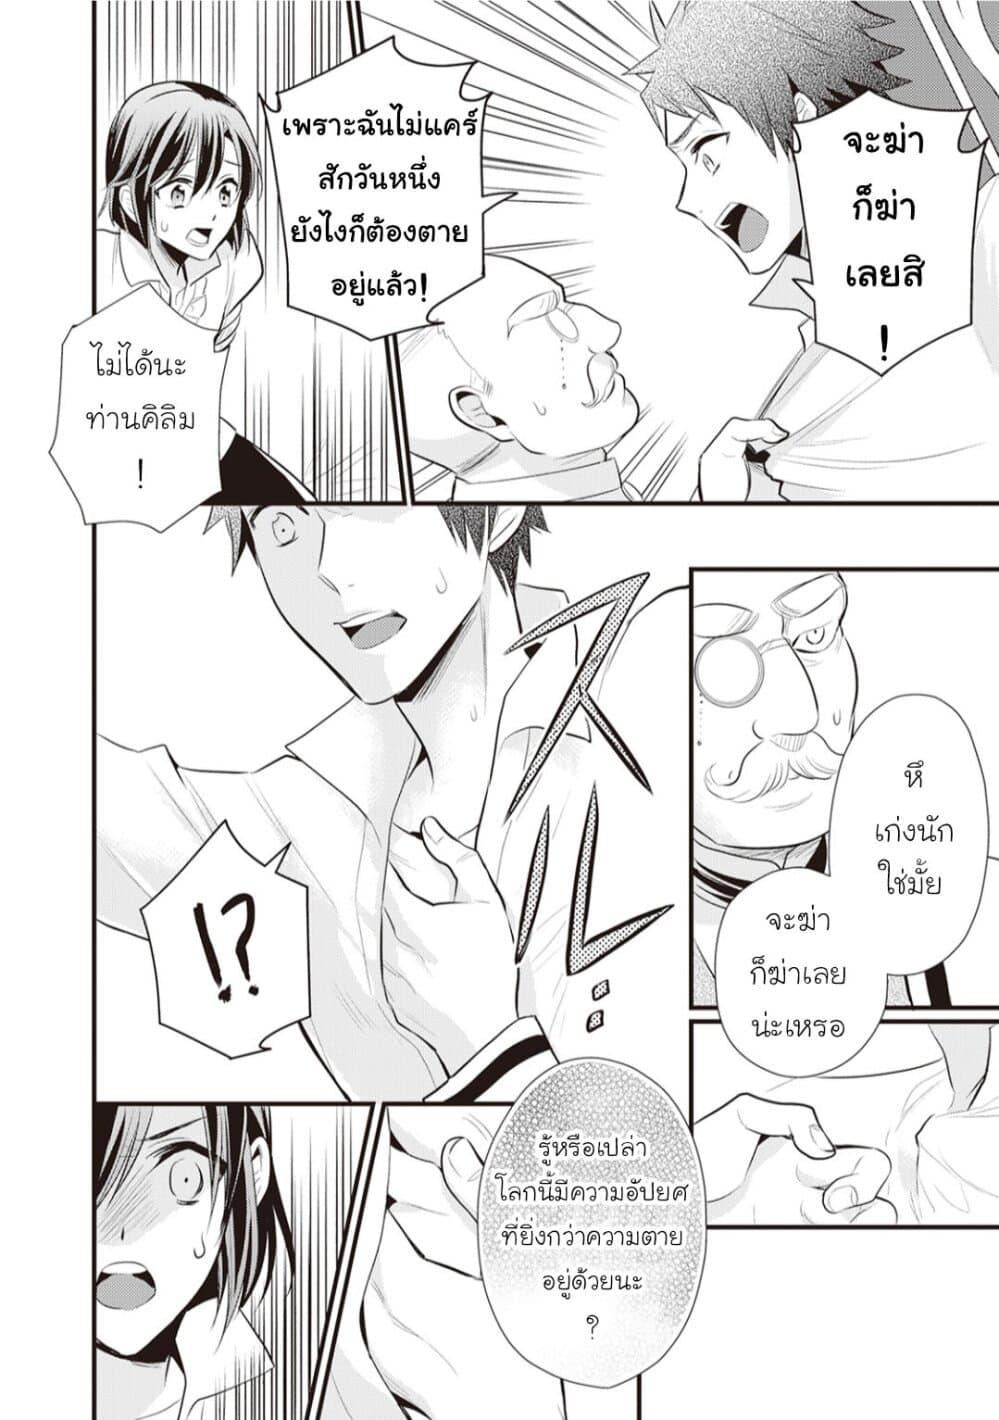 อ่านการ์ตูน Daites Ryou Koubouki ตอนที่ 22 หน้าที่ 8